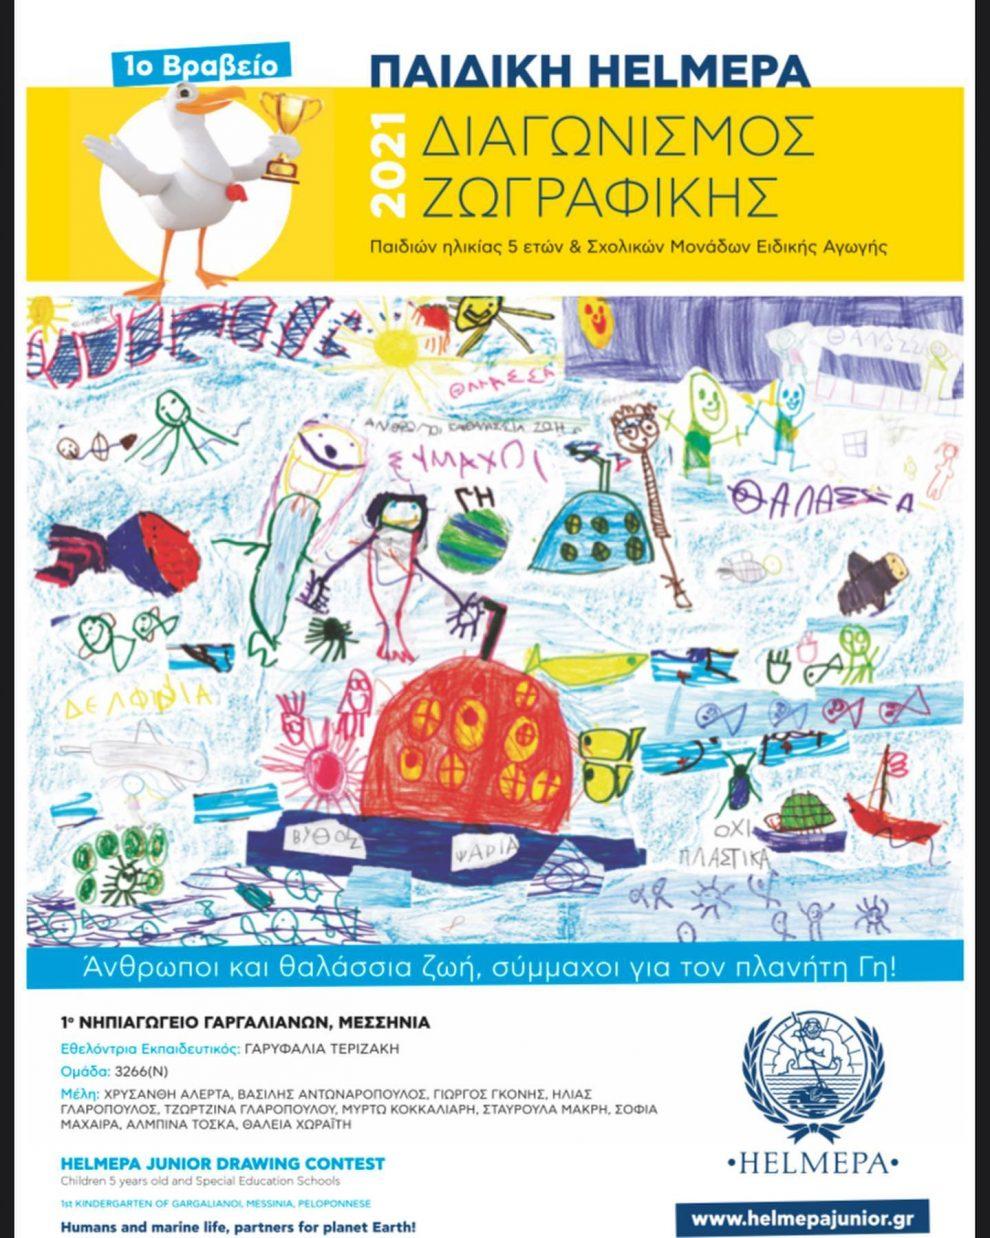 Α' βραβείο σε διαγωνισμό ζωγραφικής για το 1ο νηπιαγωγείο Γαργαλιάνων